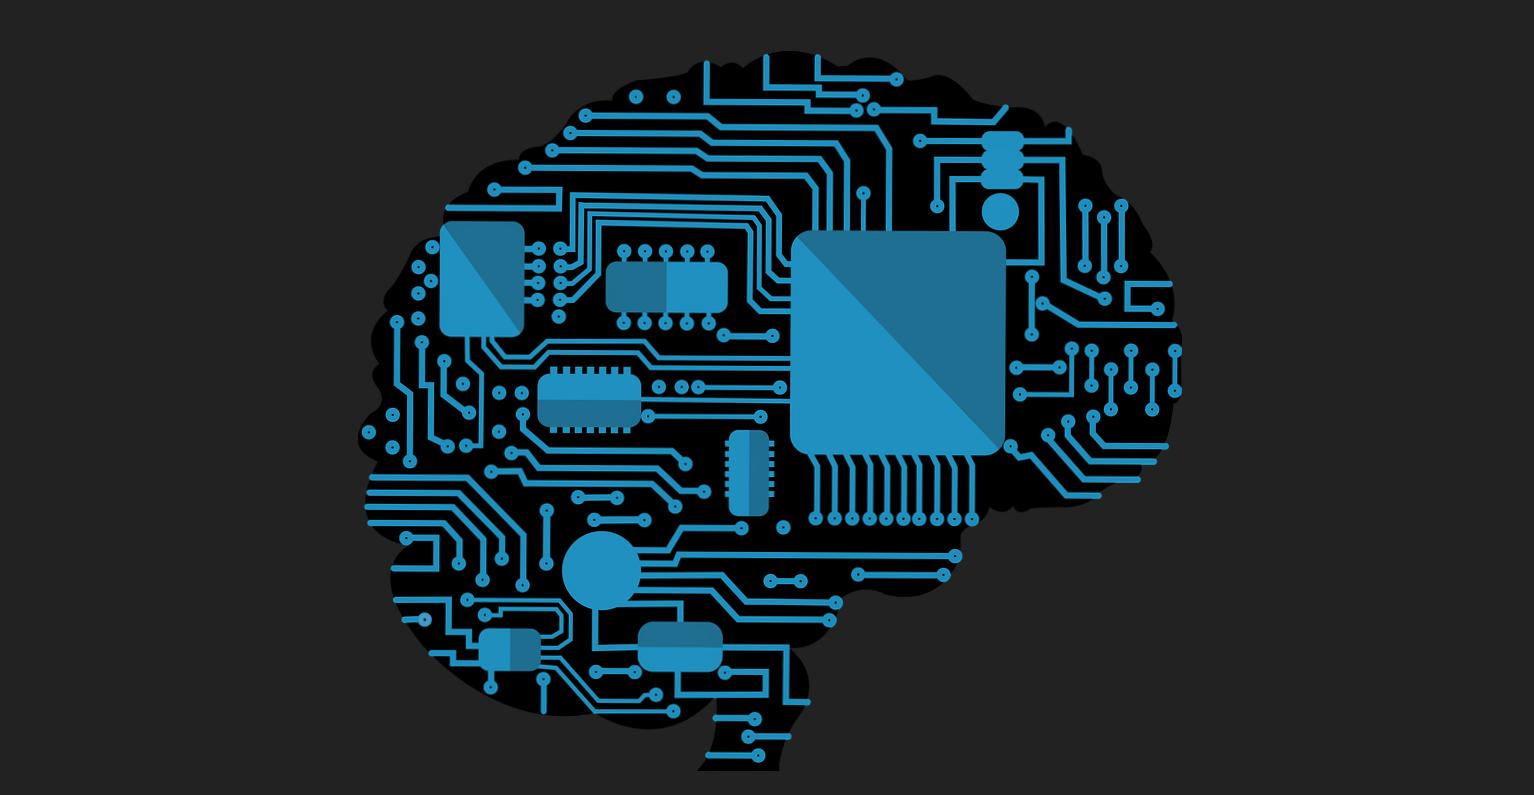 人工智能赋能患者管理,「健海科技」完成6000万元A3轮融资